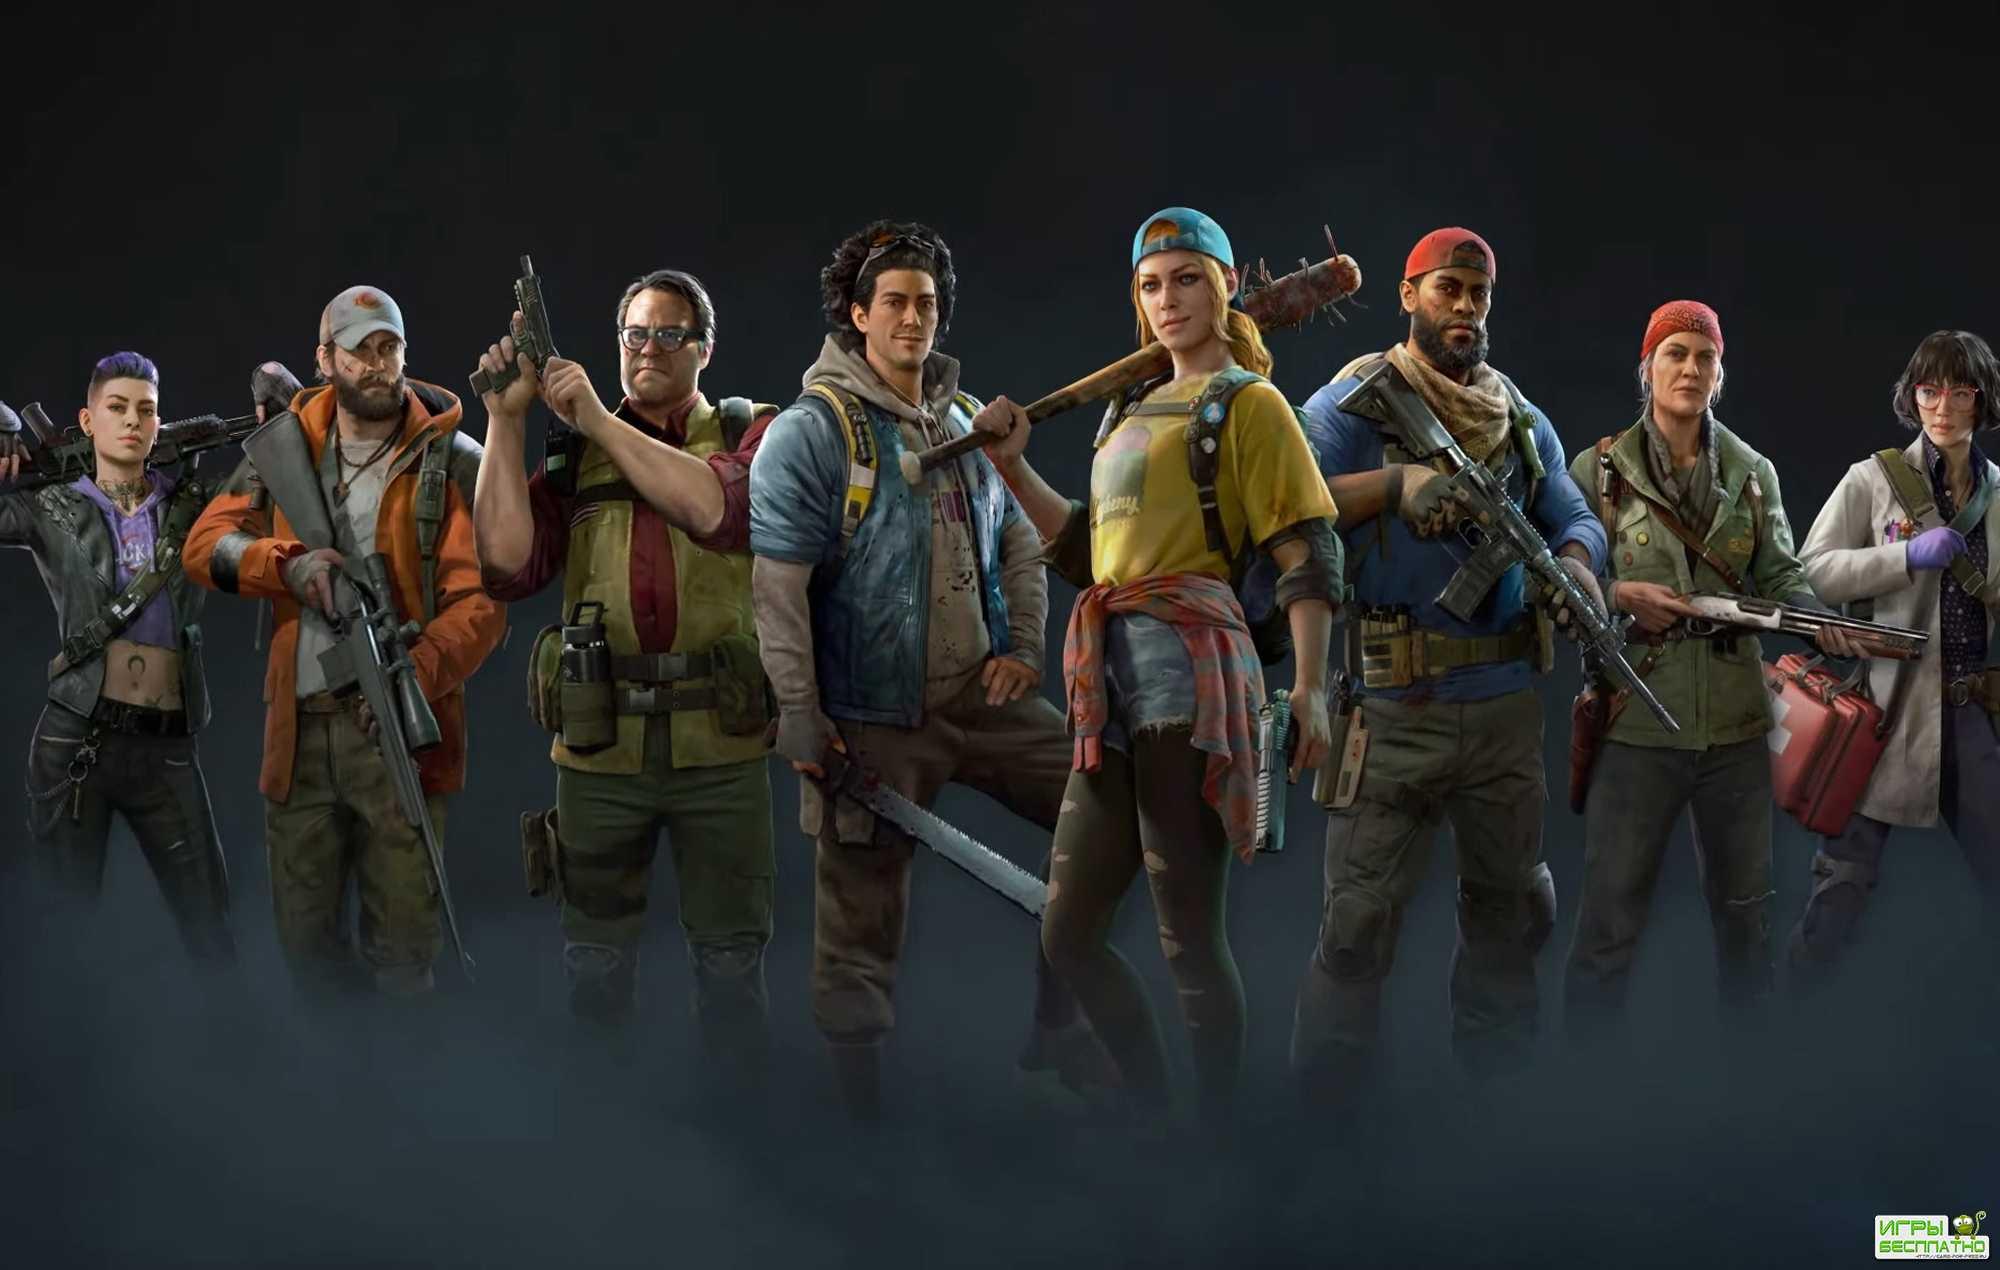 В новой игре от авторов Left 4 Dead разрешат делиться DLC с друзьями